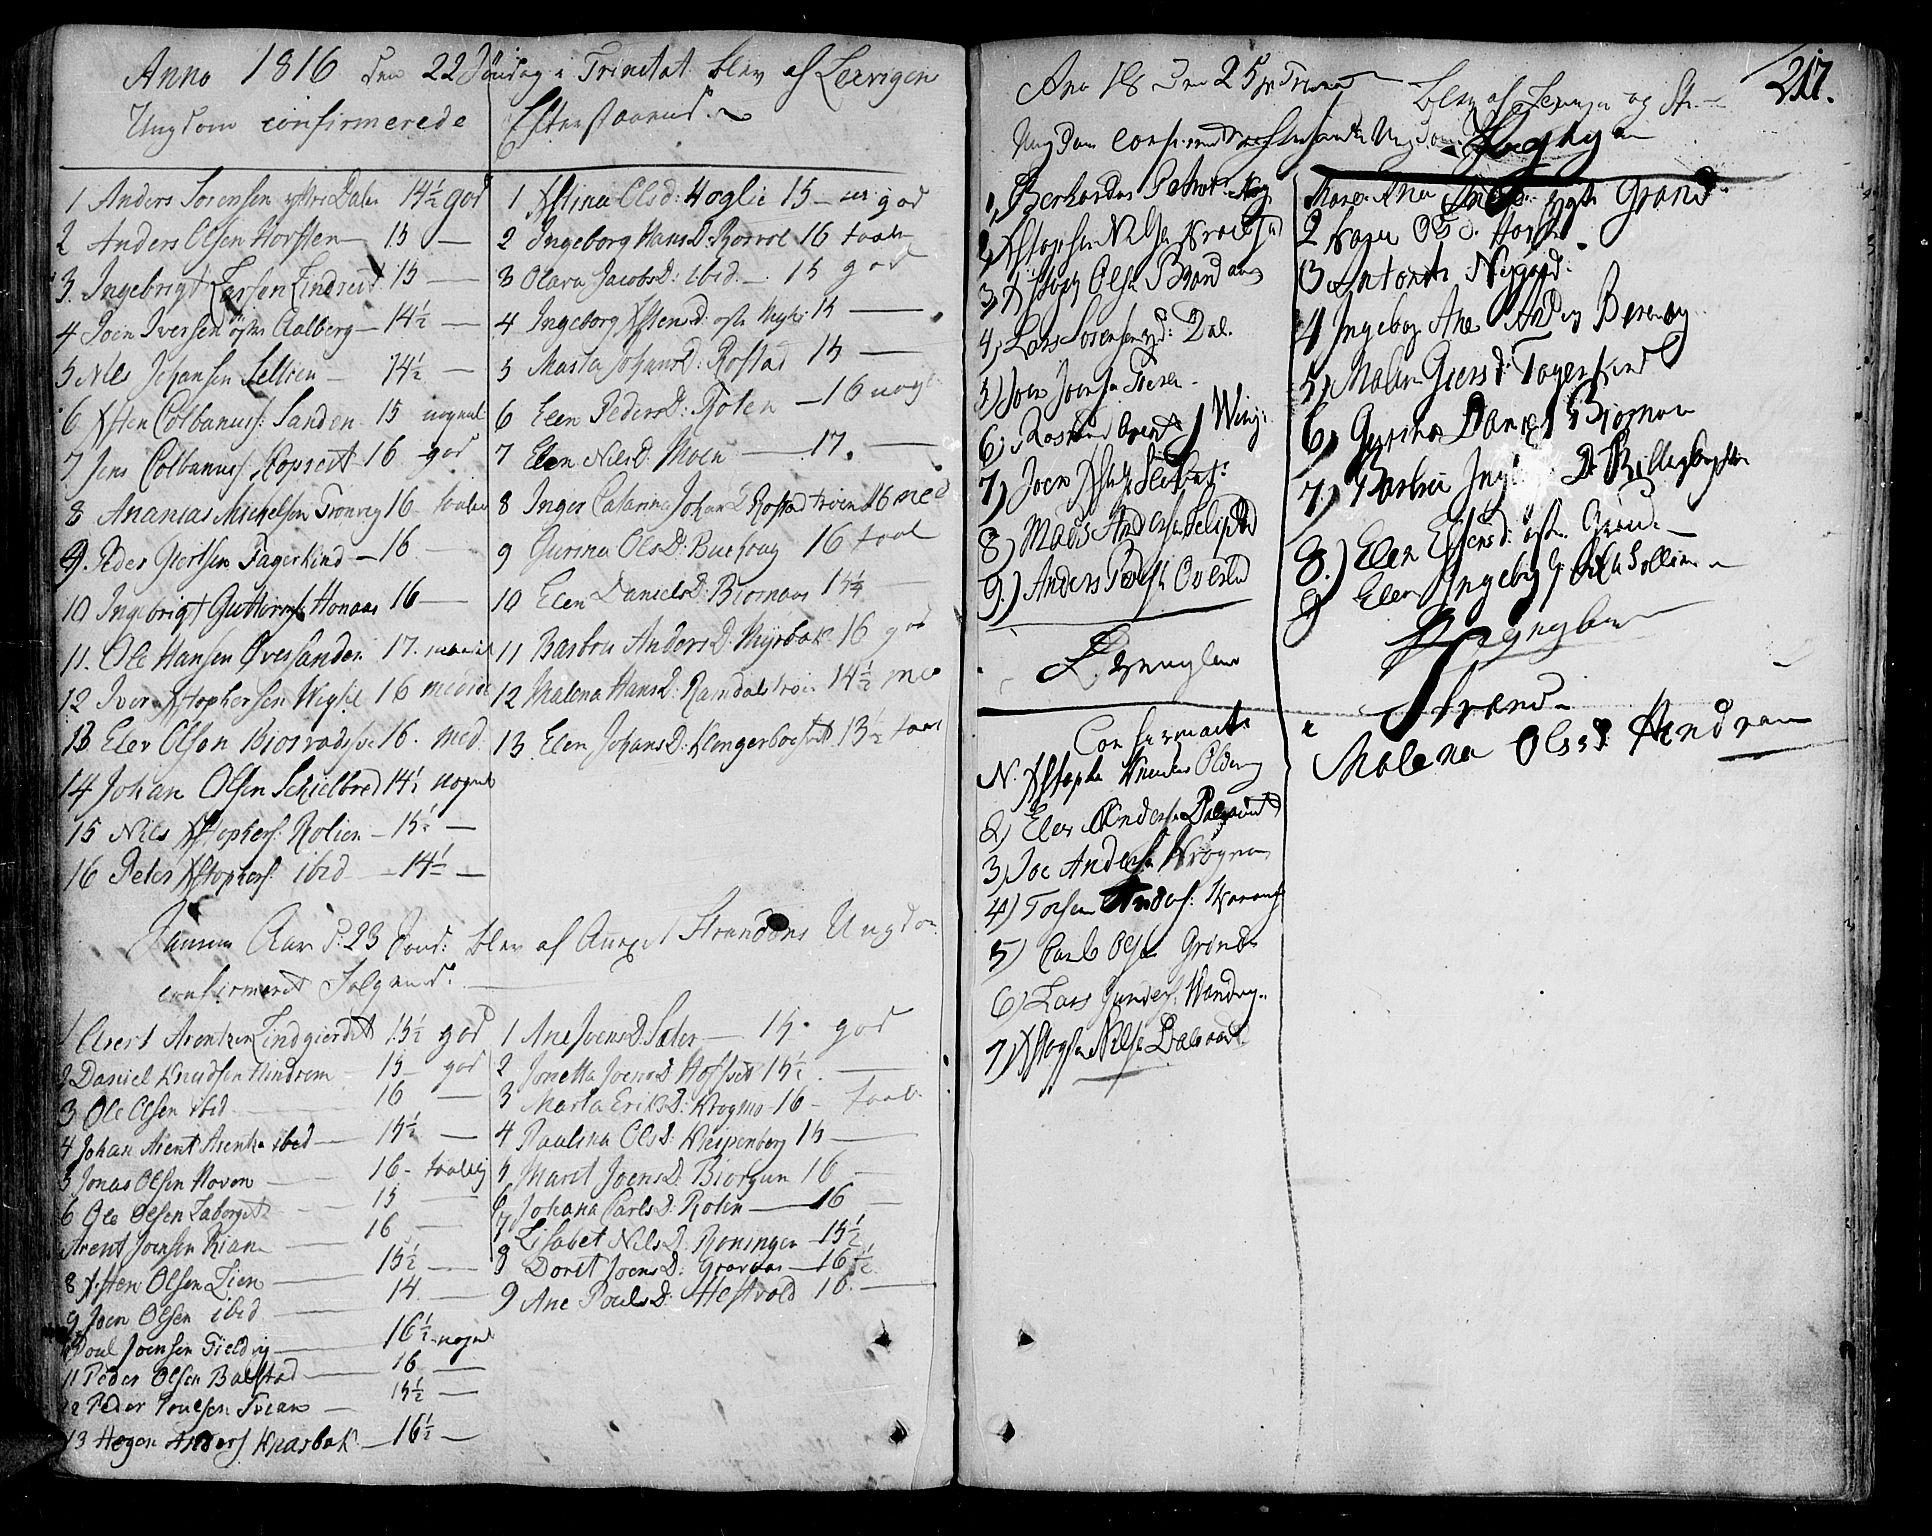 SAT, Ministerialprotokoller, klokkerbøker og fødselsregistre - Nord-Trøndelag, 701/L0004: Ministerialbok nr. 701A04, 1783-1816, s. 217